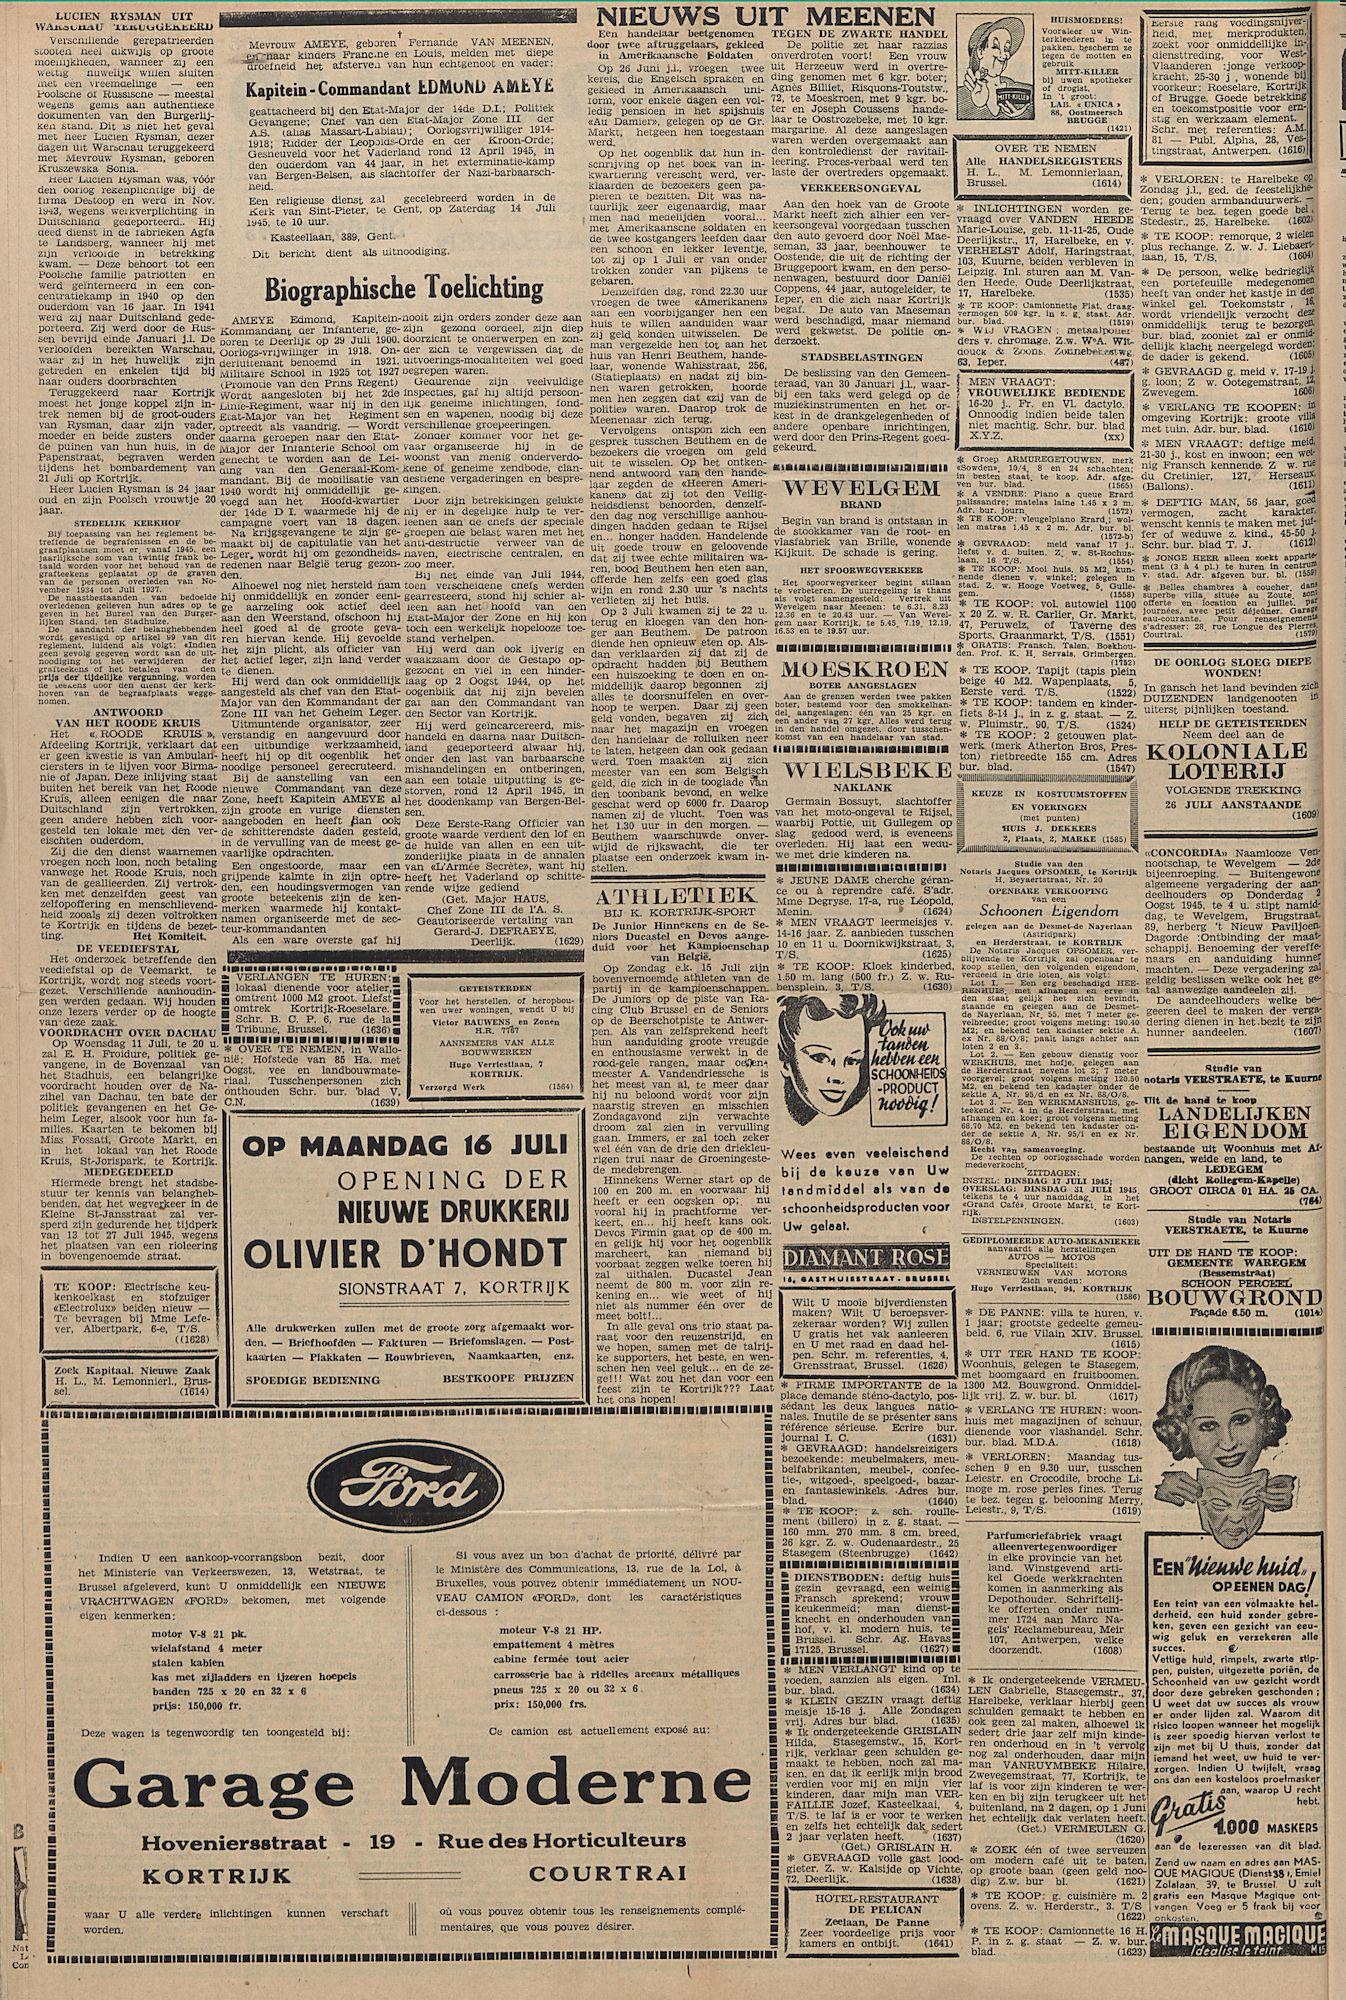 Kortrijksch Handelsblad 11 juli 1945 Nr55 p2